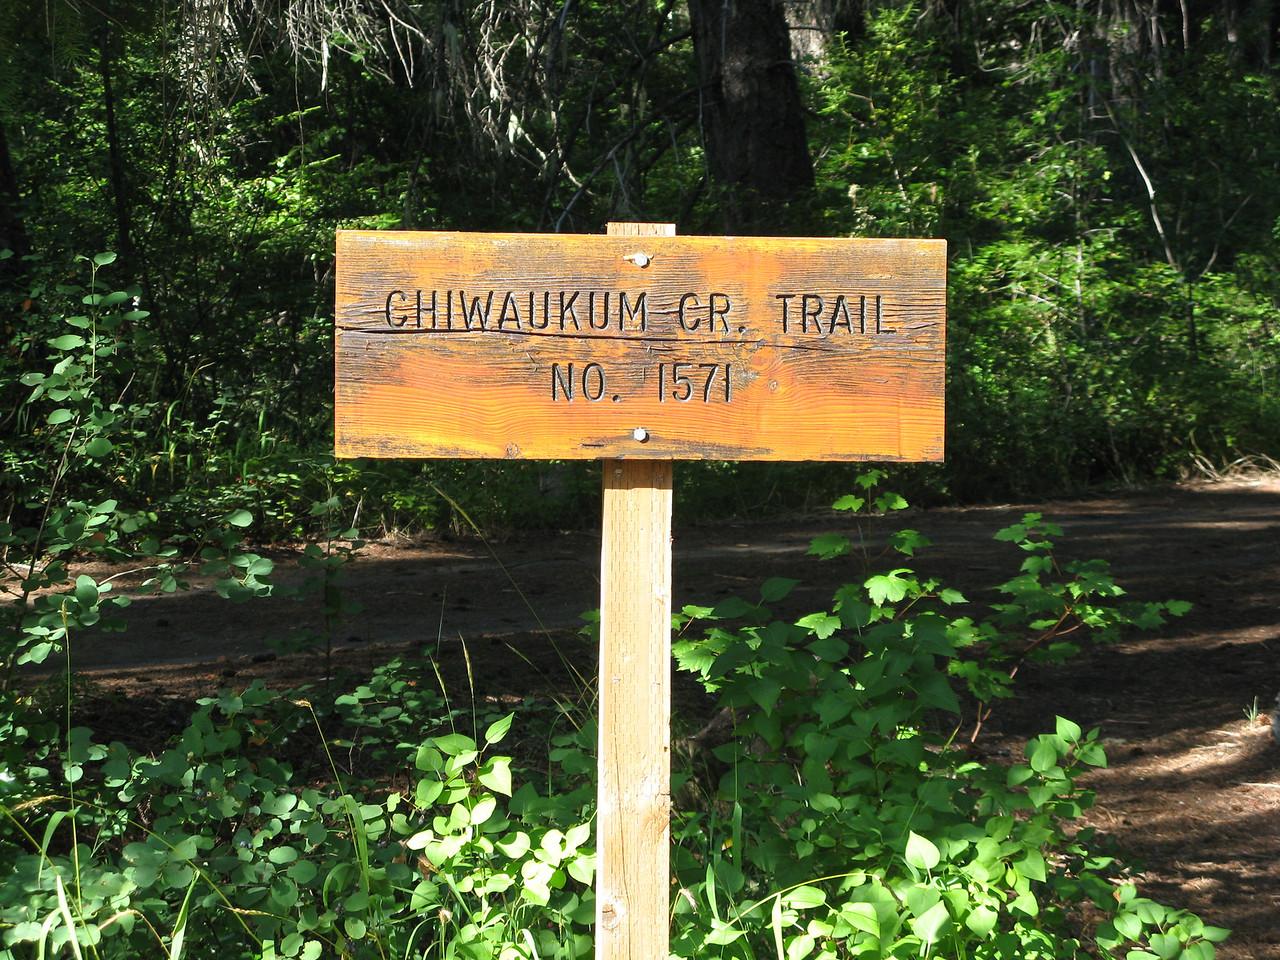 11-08-08 Chiwaukum 005